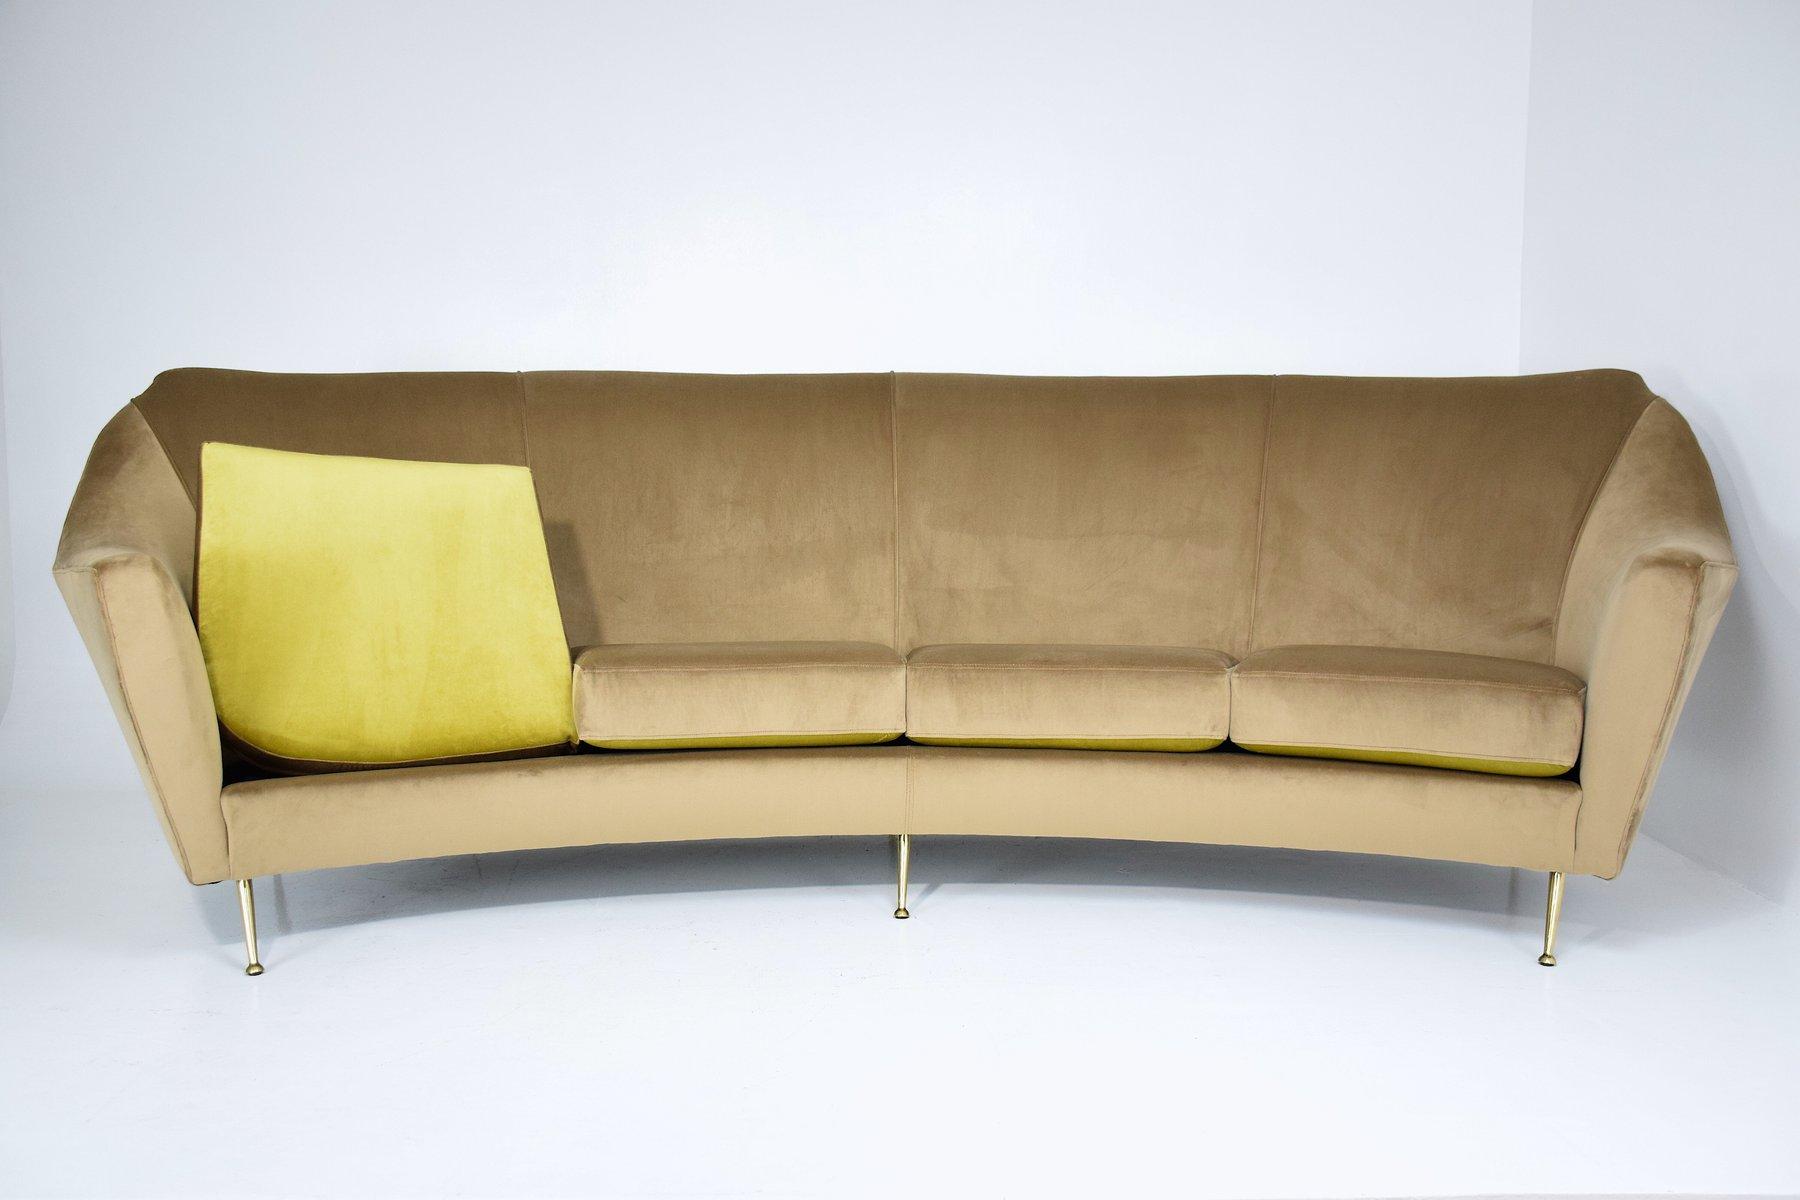 geschwungenes italienisches mid century sofa bei pamono kaufen. Black Bedroom Furniture Sets. Home Design Ideas